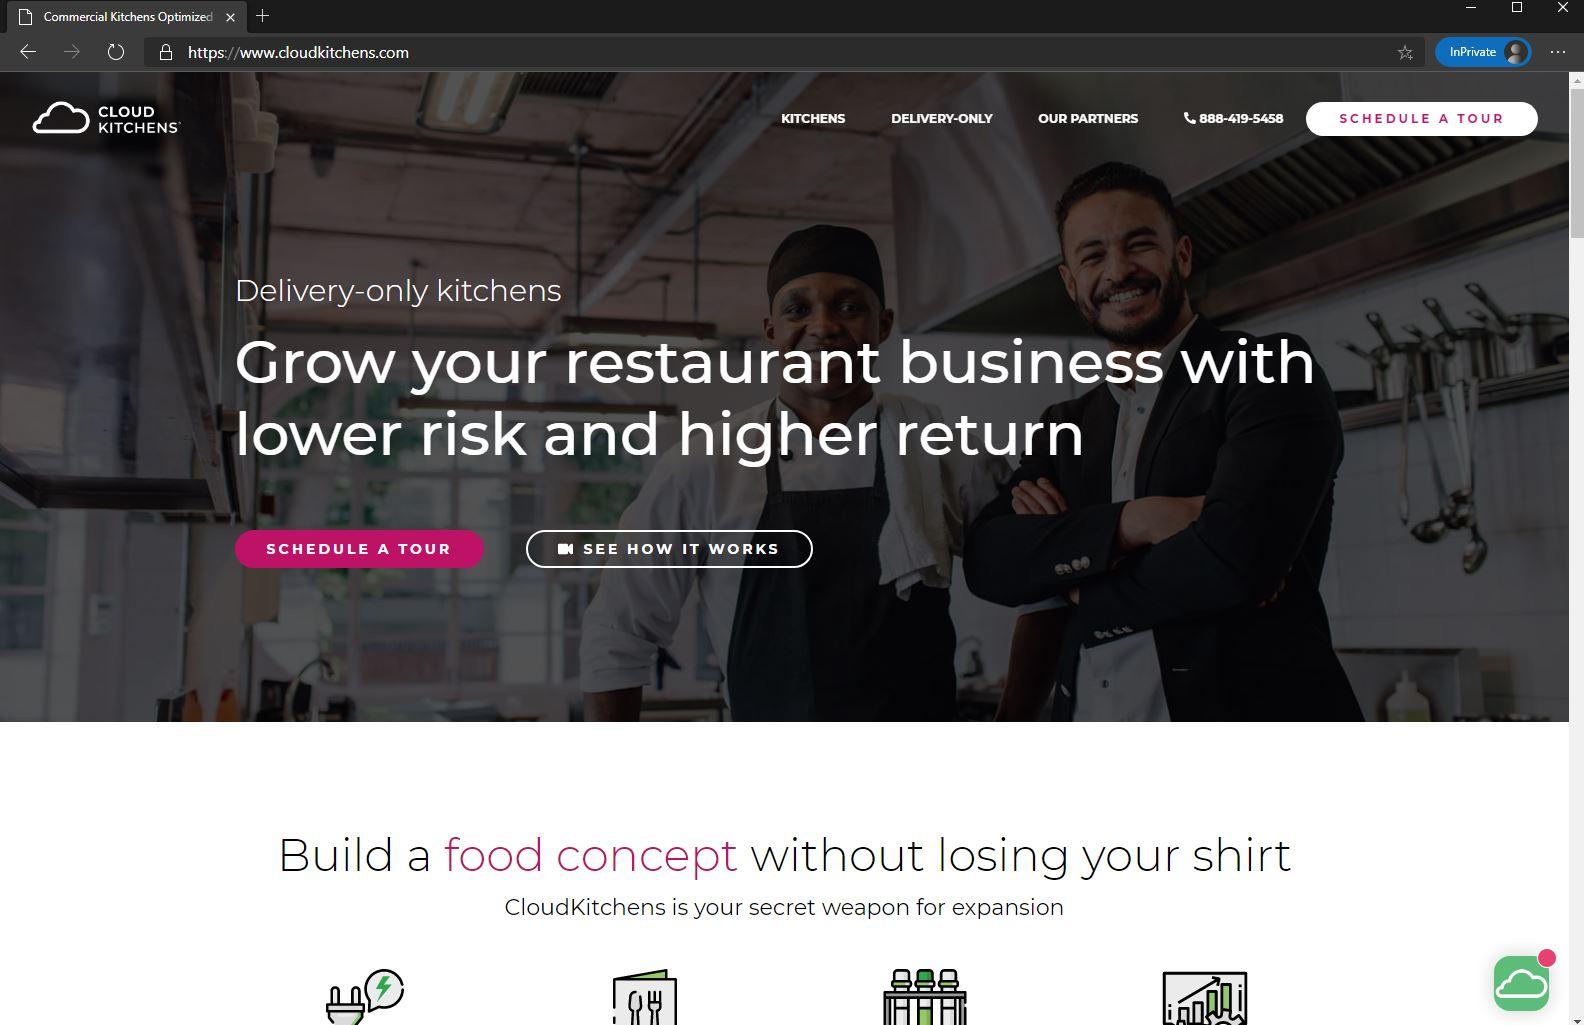 CloudKitchens homepage